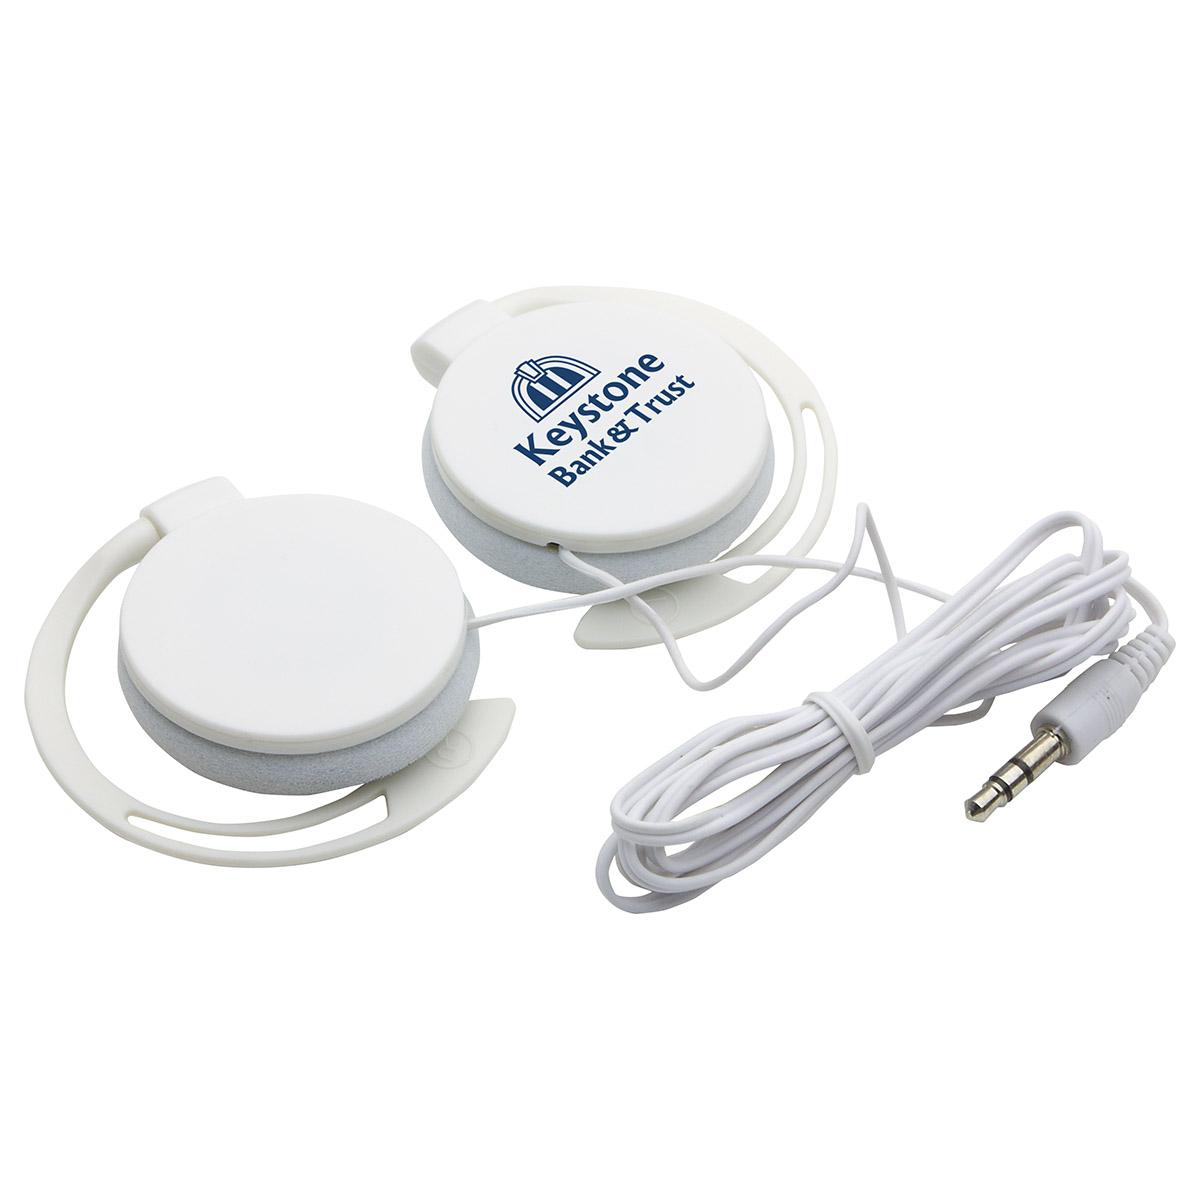 Easy Clip Headphones, WTV-EC15 - 1 Colour Imprint